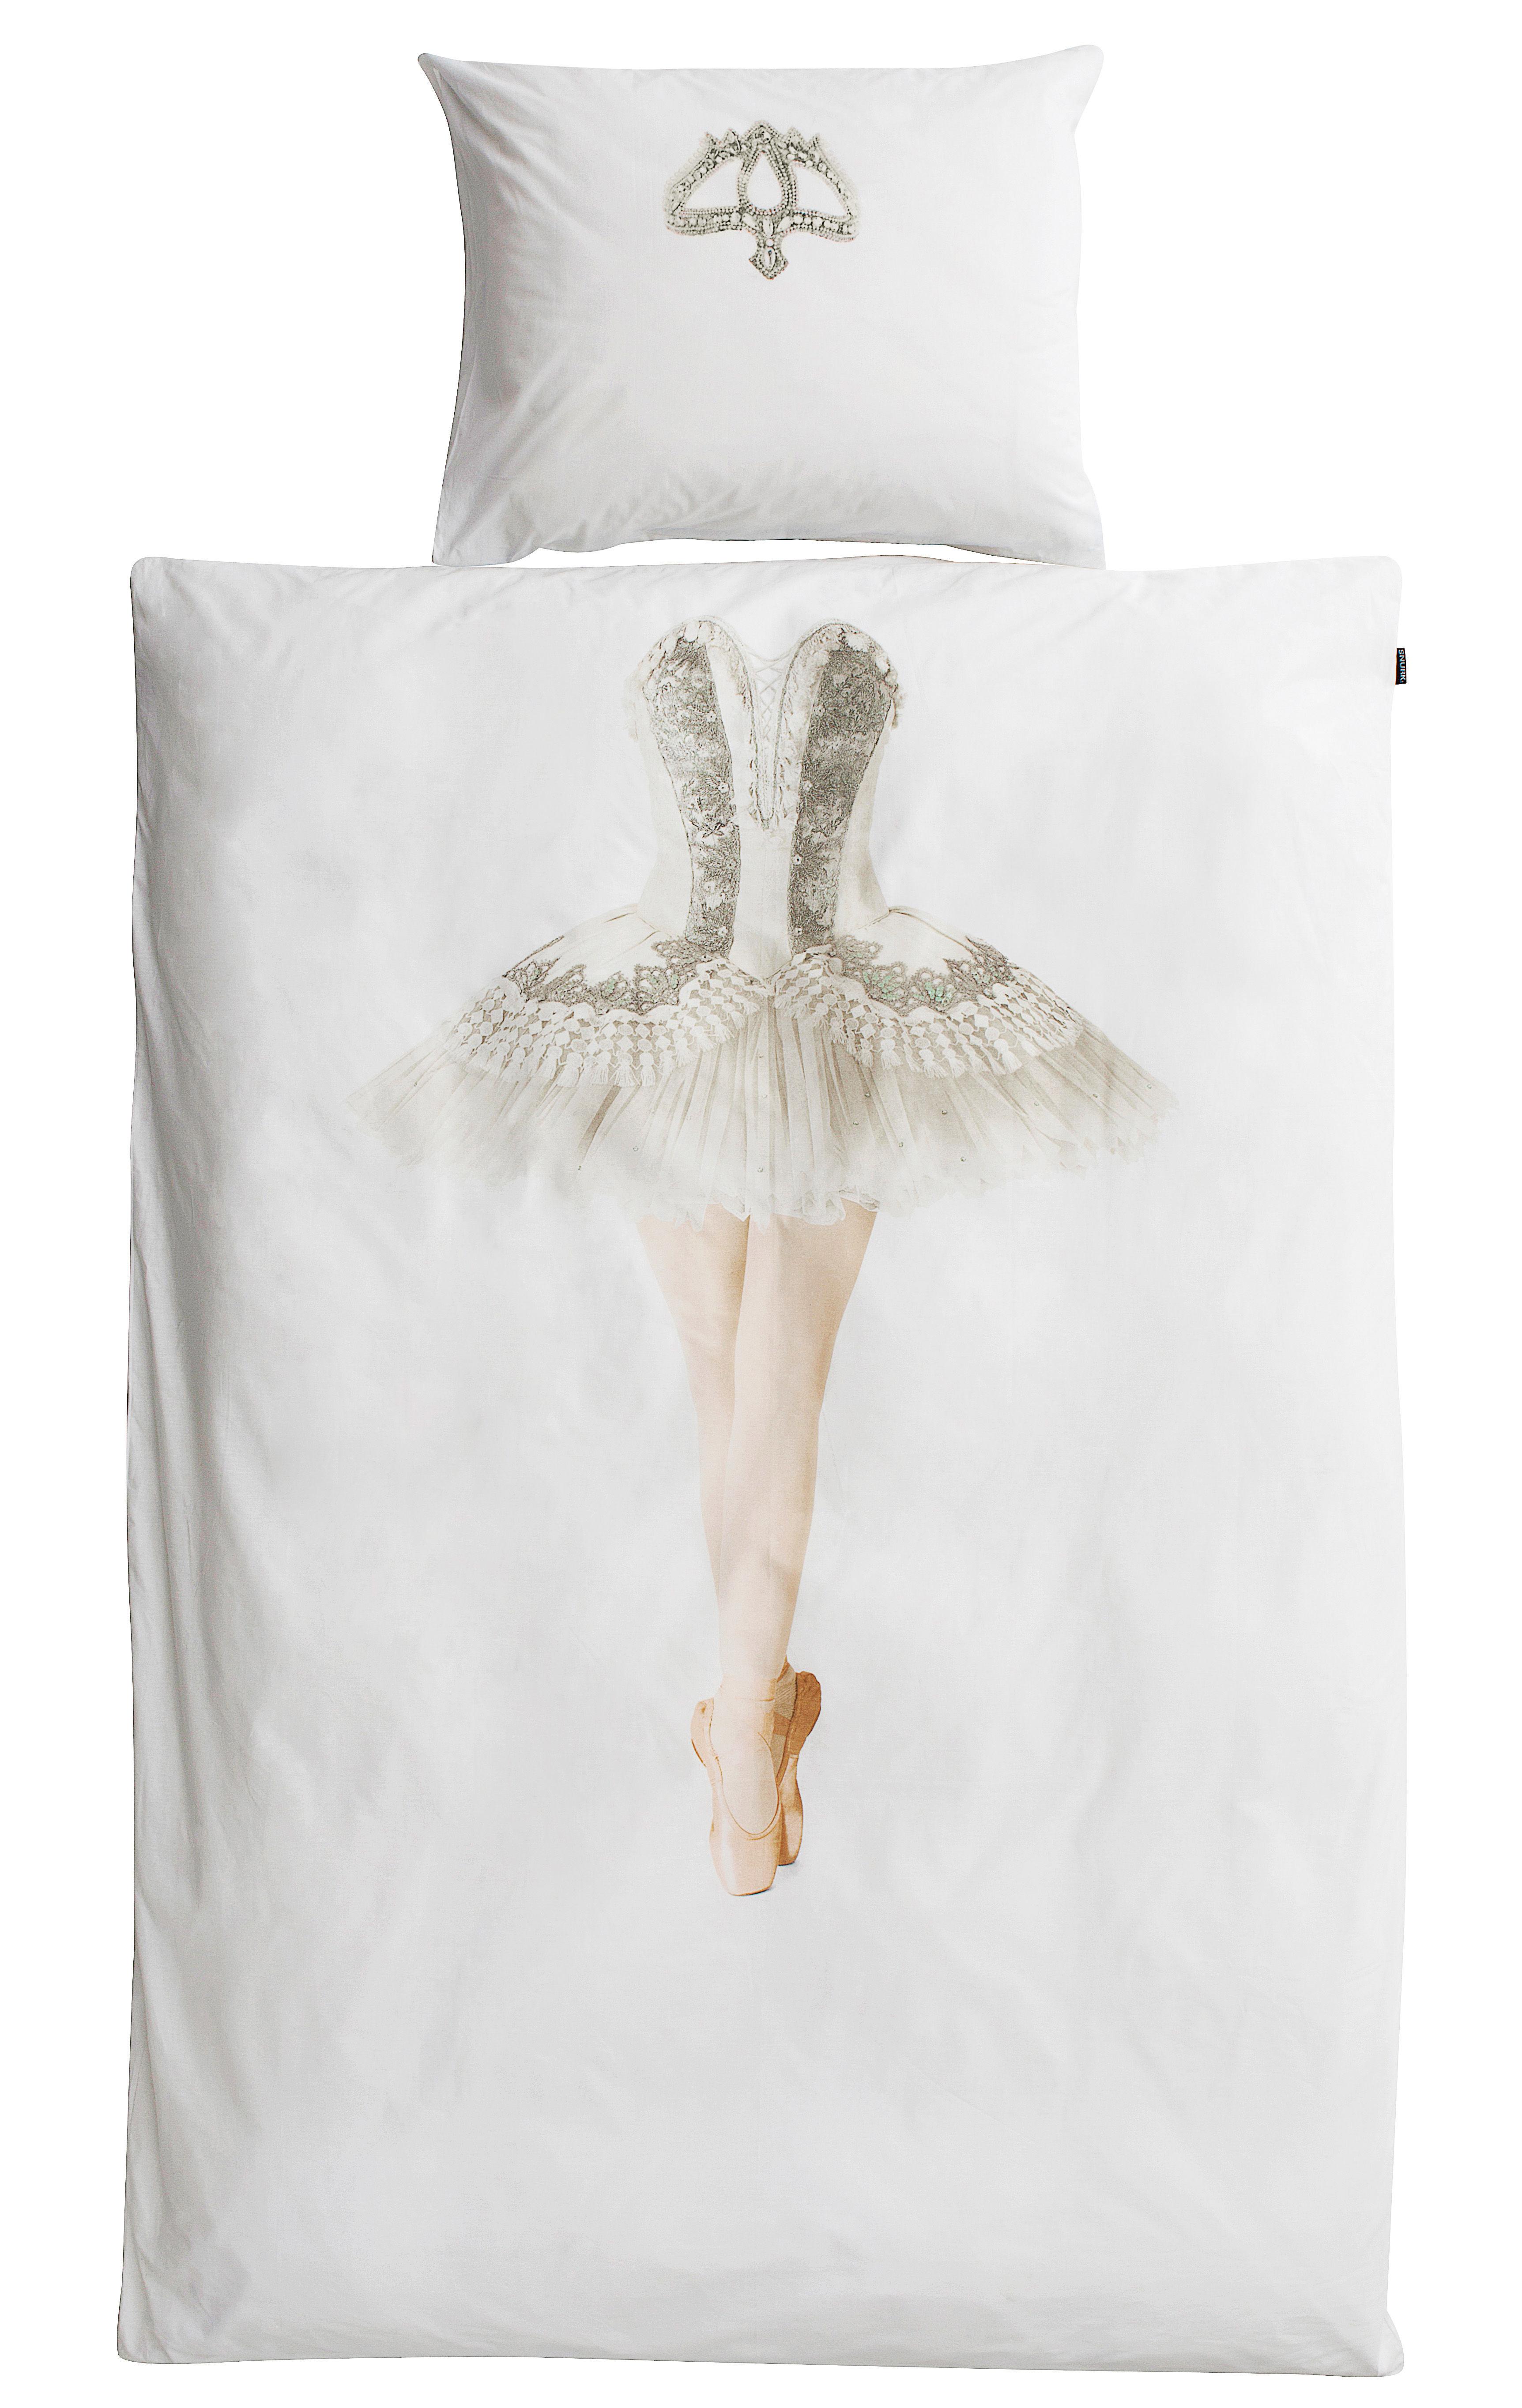 Dekoration - Für Kinder - Ballerina Bettwäsche-Set / 2-teilig - 140 x 200 cm - Snurk - Ballerina - Percale de coton